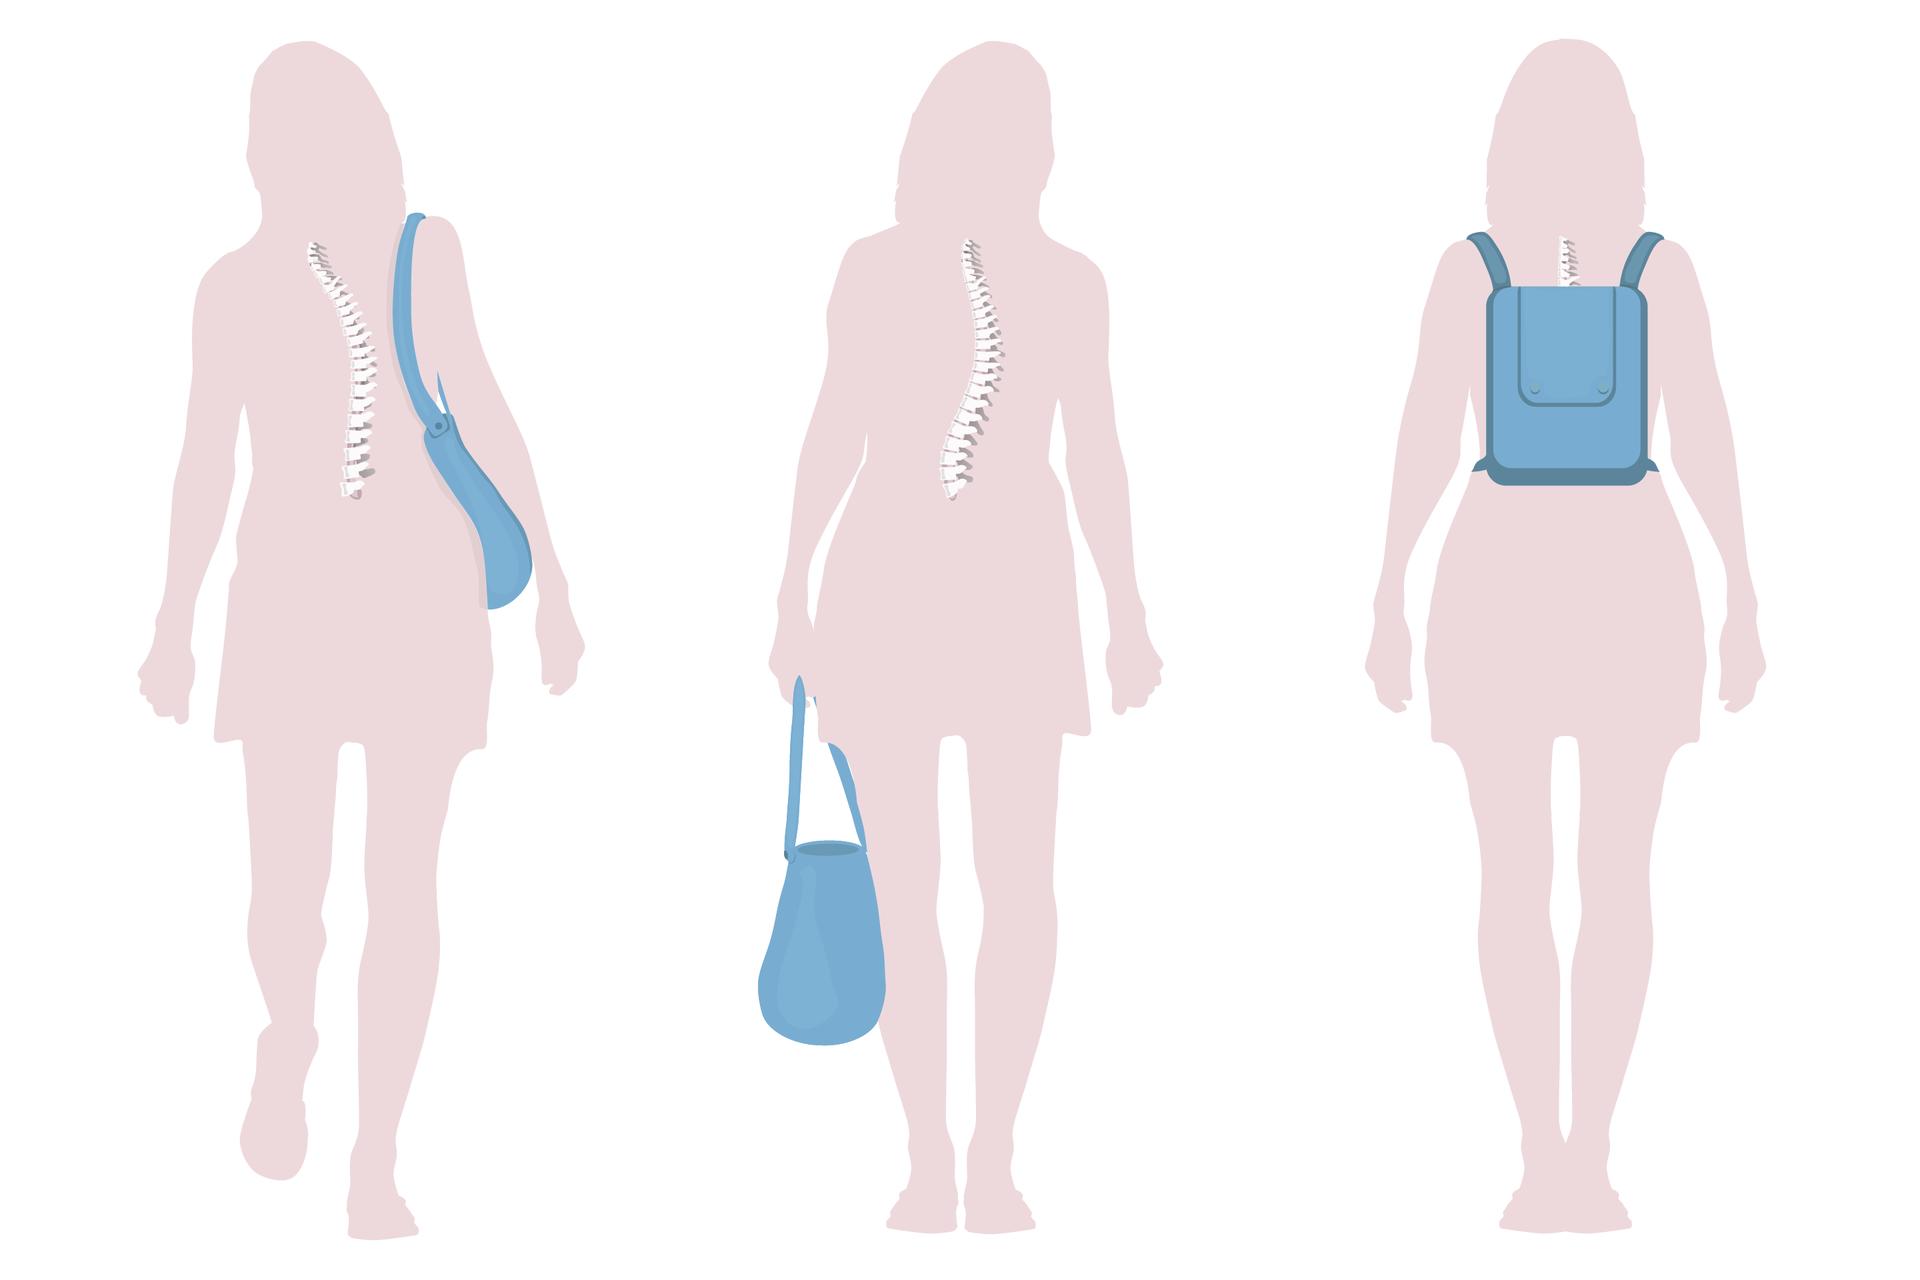 Ilustracja przedstawia 3 liliowe sylwetki kobiety od tyłu. Wkażdej wrysowano biały kręgosłup. Kobieta zlewej niesie niebieską torbę na prawym ramieniu. Kręgosłup jest mocno bocznie wygięty, ciało pochylone wlewo. Kobieta wśrodku niesie niebieską torbę wlewej ręce. Kręgosłup bocznie wygięty, lewe biodro wysunięte. Kobieta prawej na niebieski plecak. Kręgosłup prosty, ciało ma prawidłową postawę.